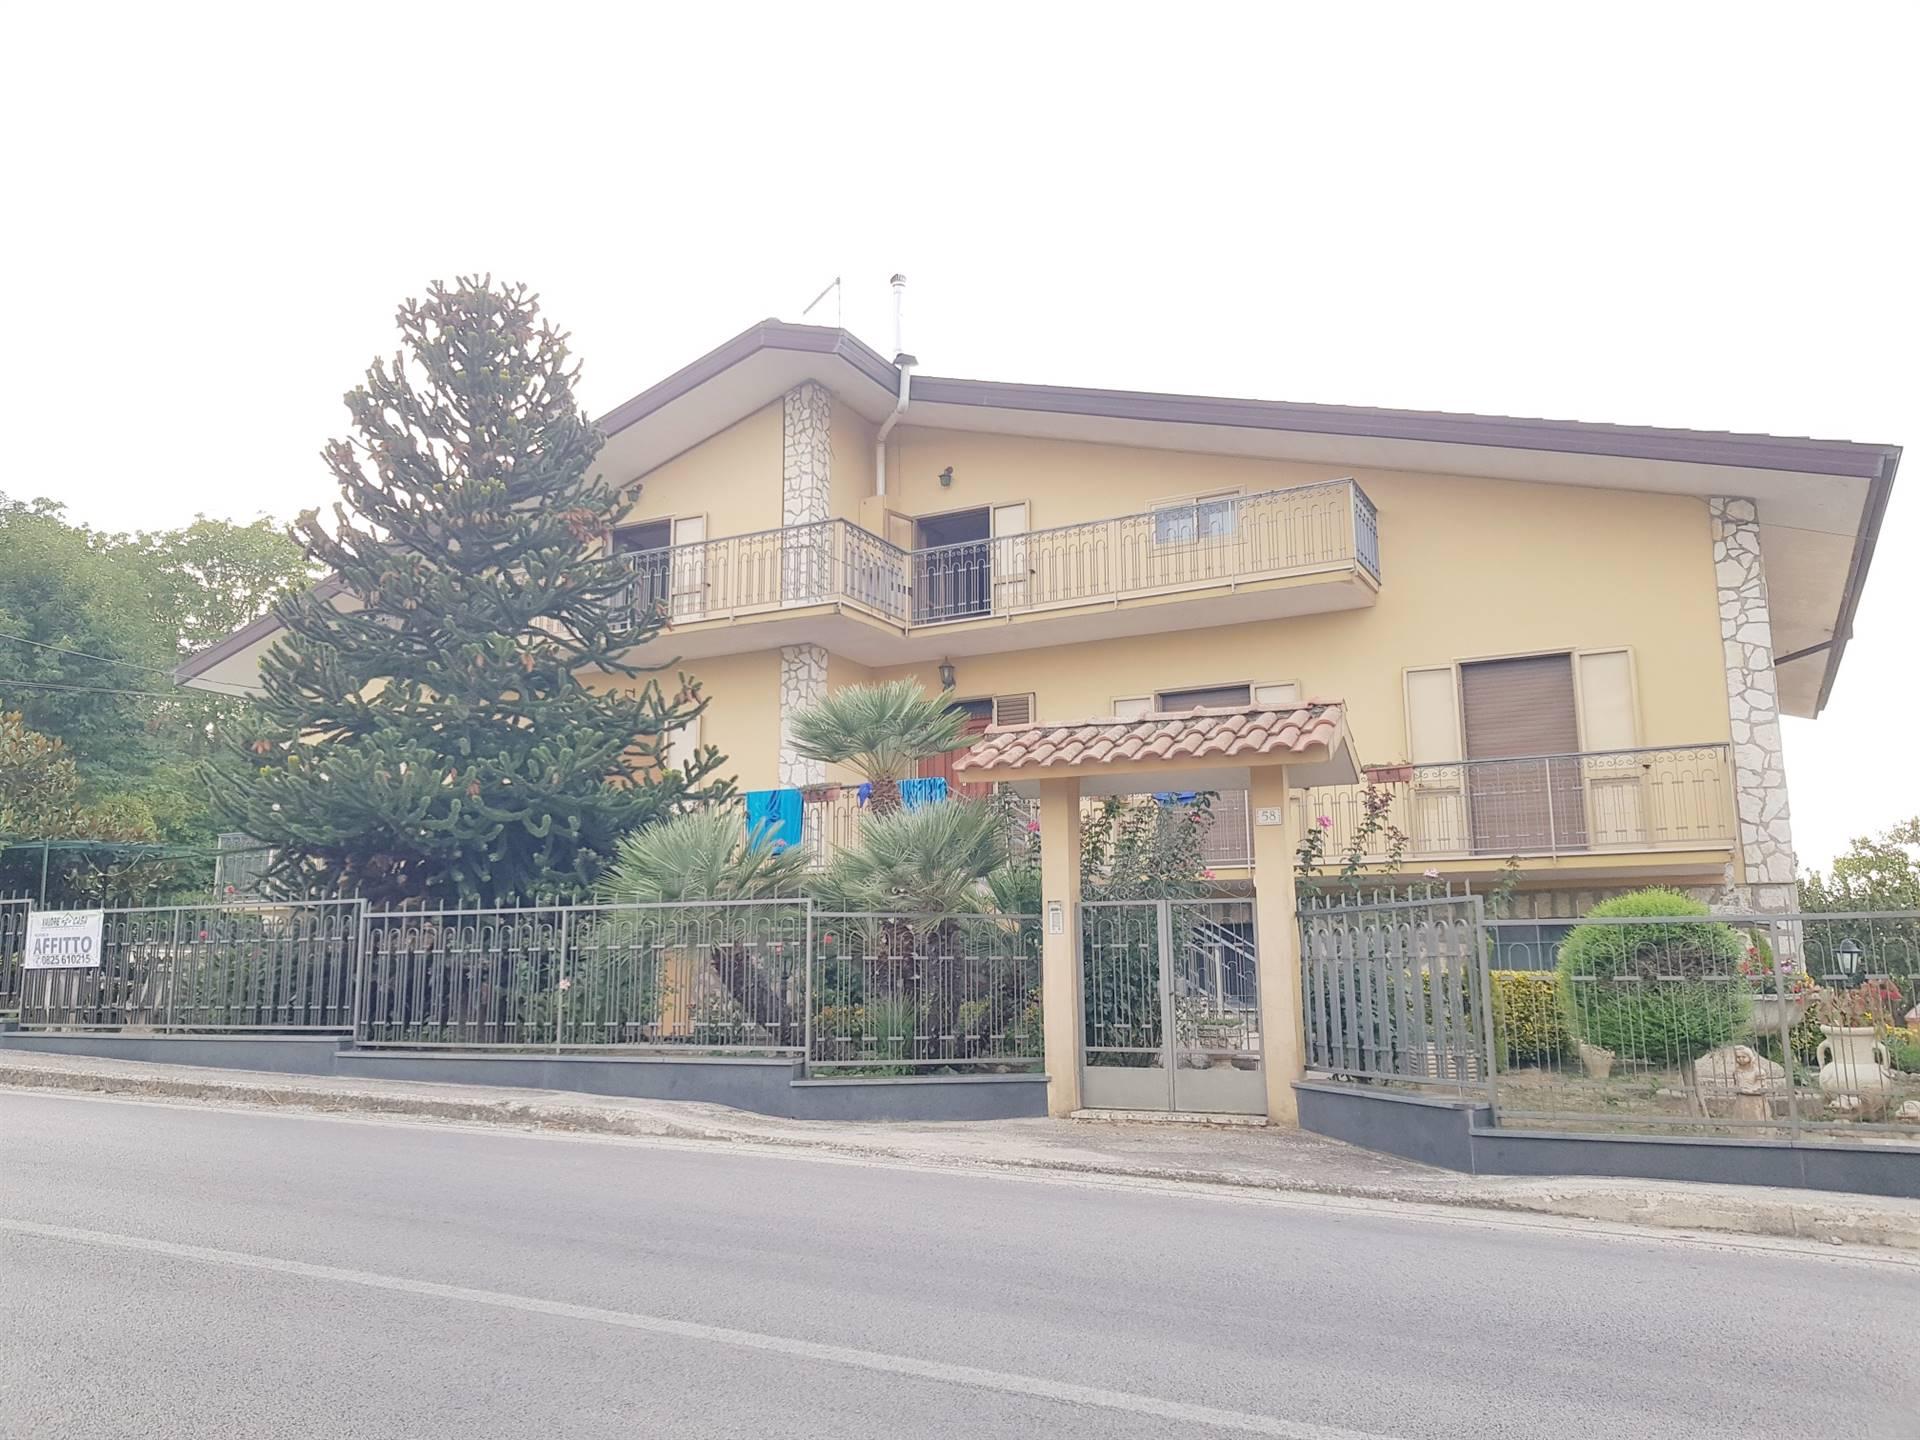 Appartamento in affitto a Montefalcione, 4 locali, zona Zona: Castelrotto, prezzo € 250 | CambioCasa.it